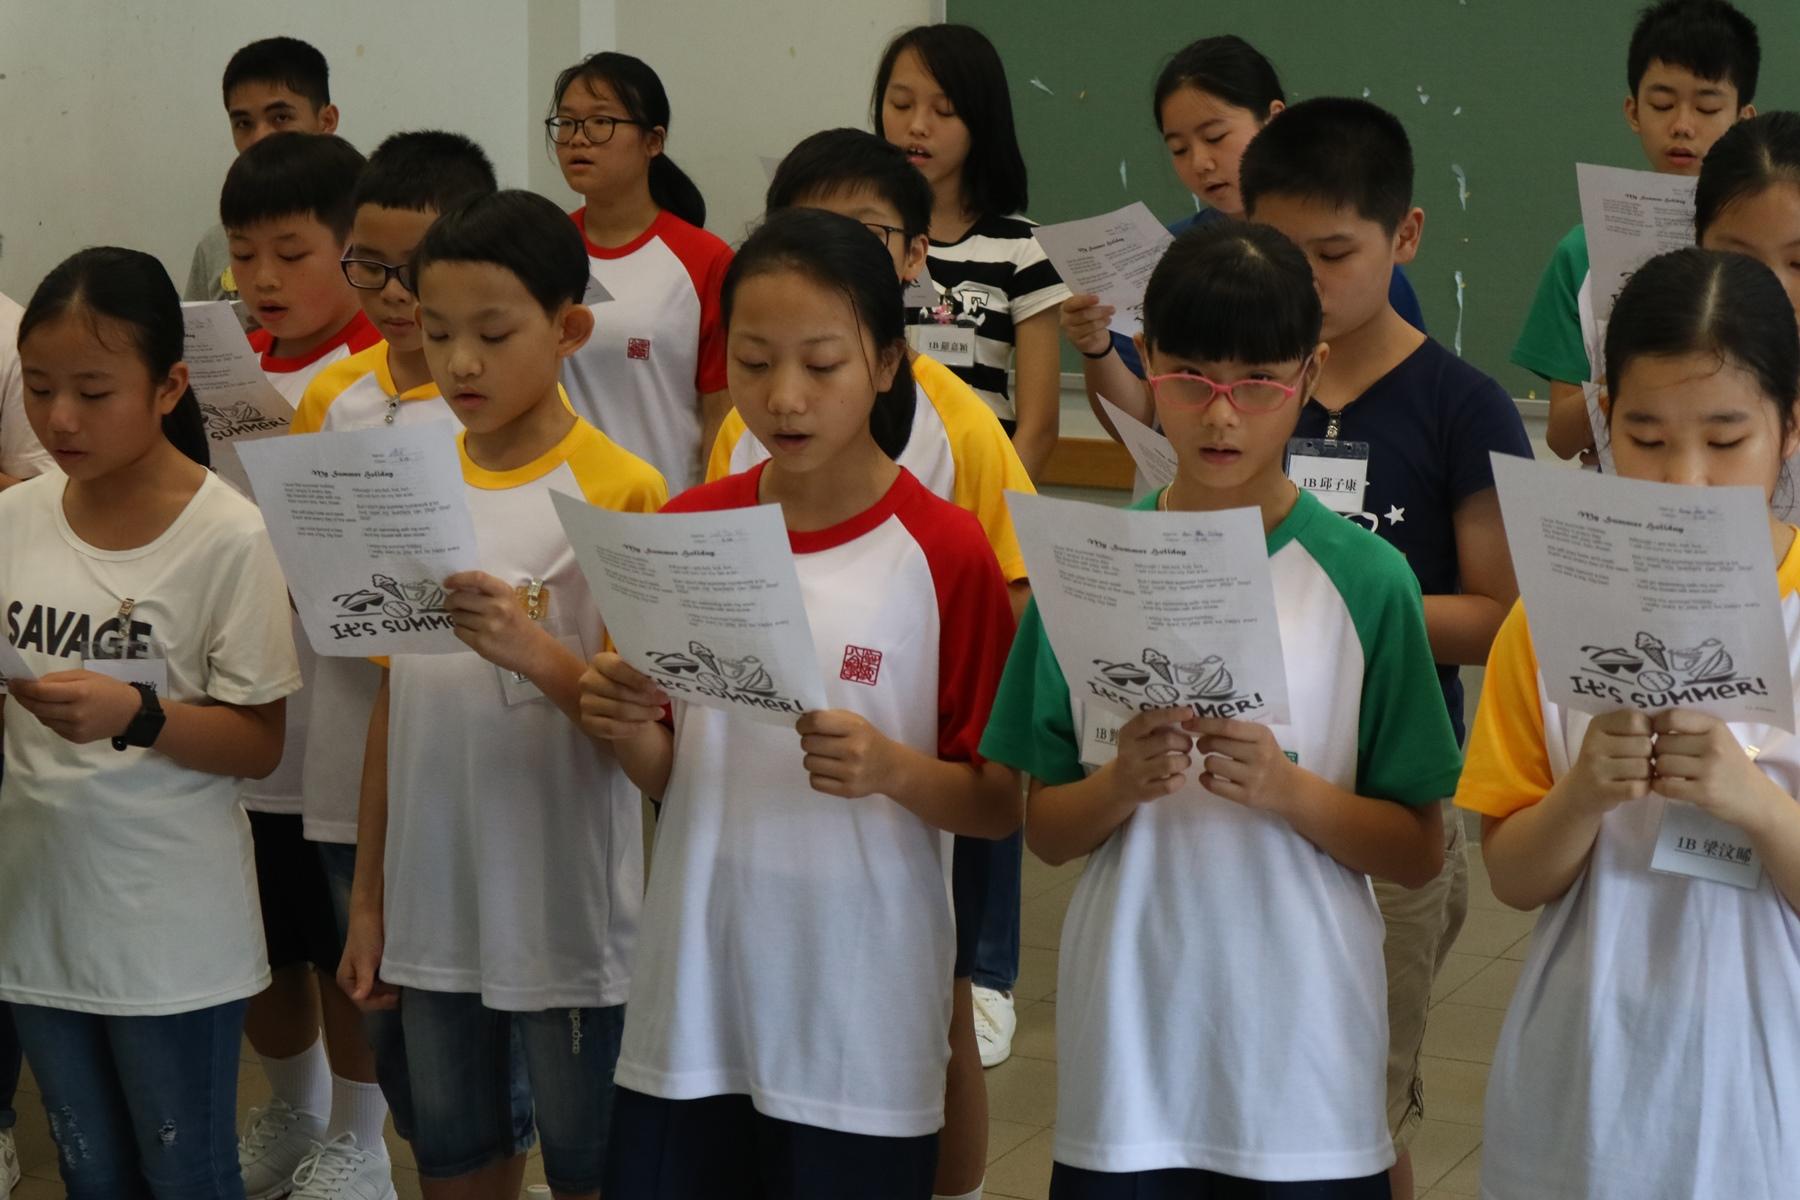 http://www.npc.edu.hk/sites/default/files/1b_zhong_ying_bing_chong_05.jpg